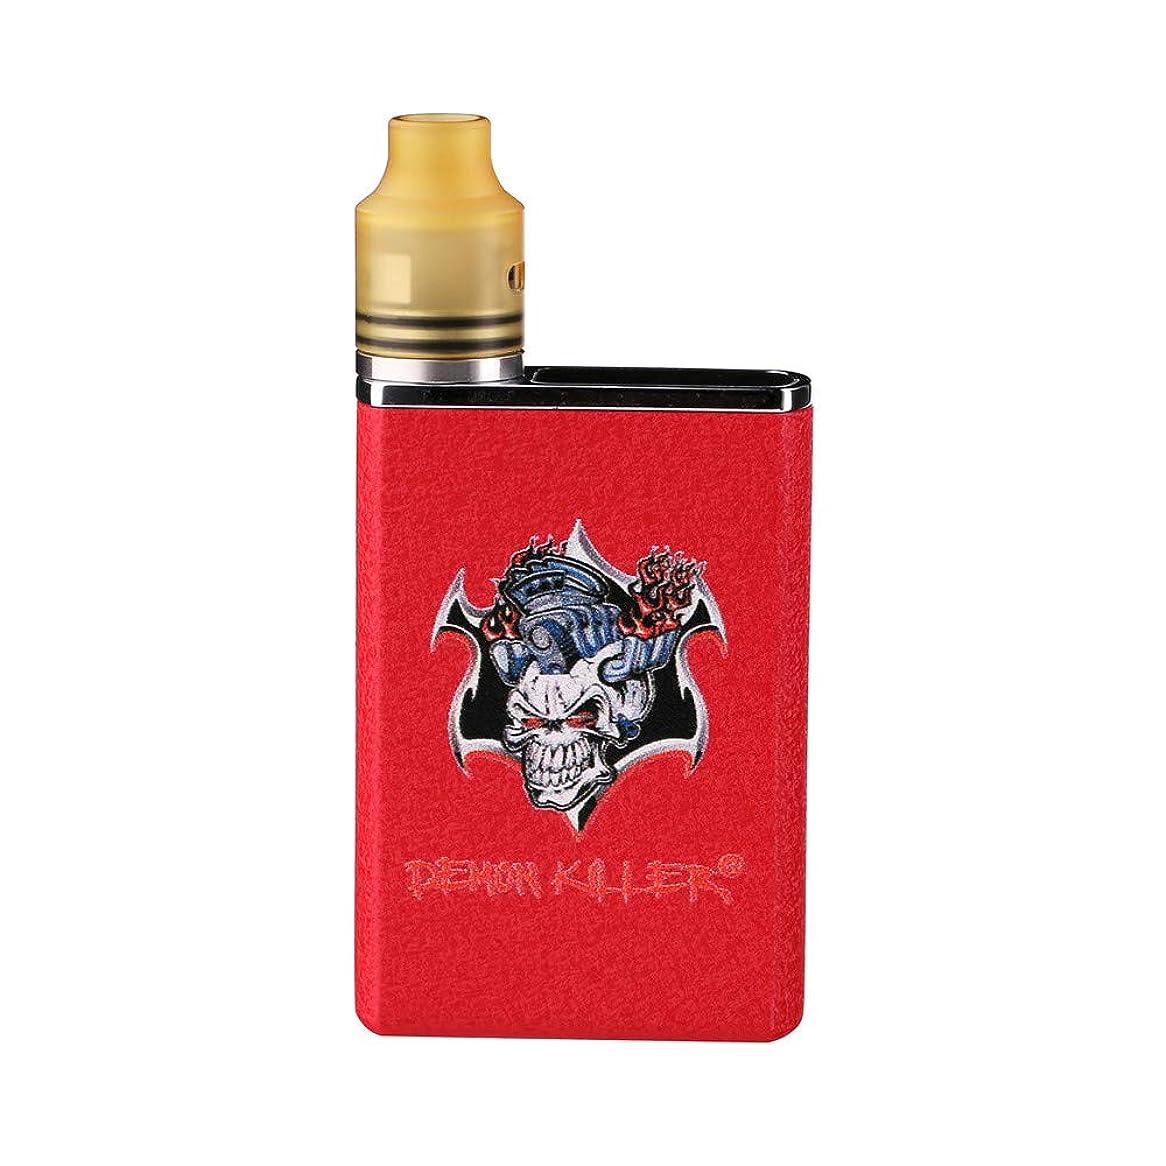 アプト魅力的であることへのアピール管理者【正規品】Demon Killer TINY RDA kit 電子タバコセット (赤い色)